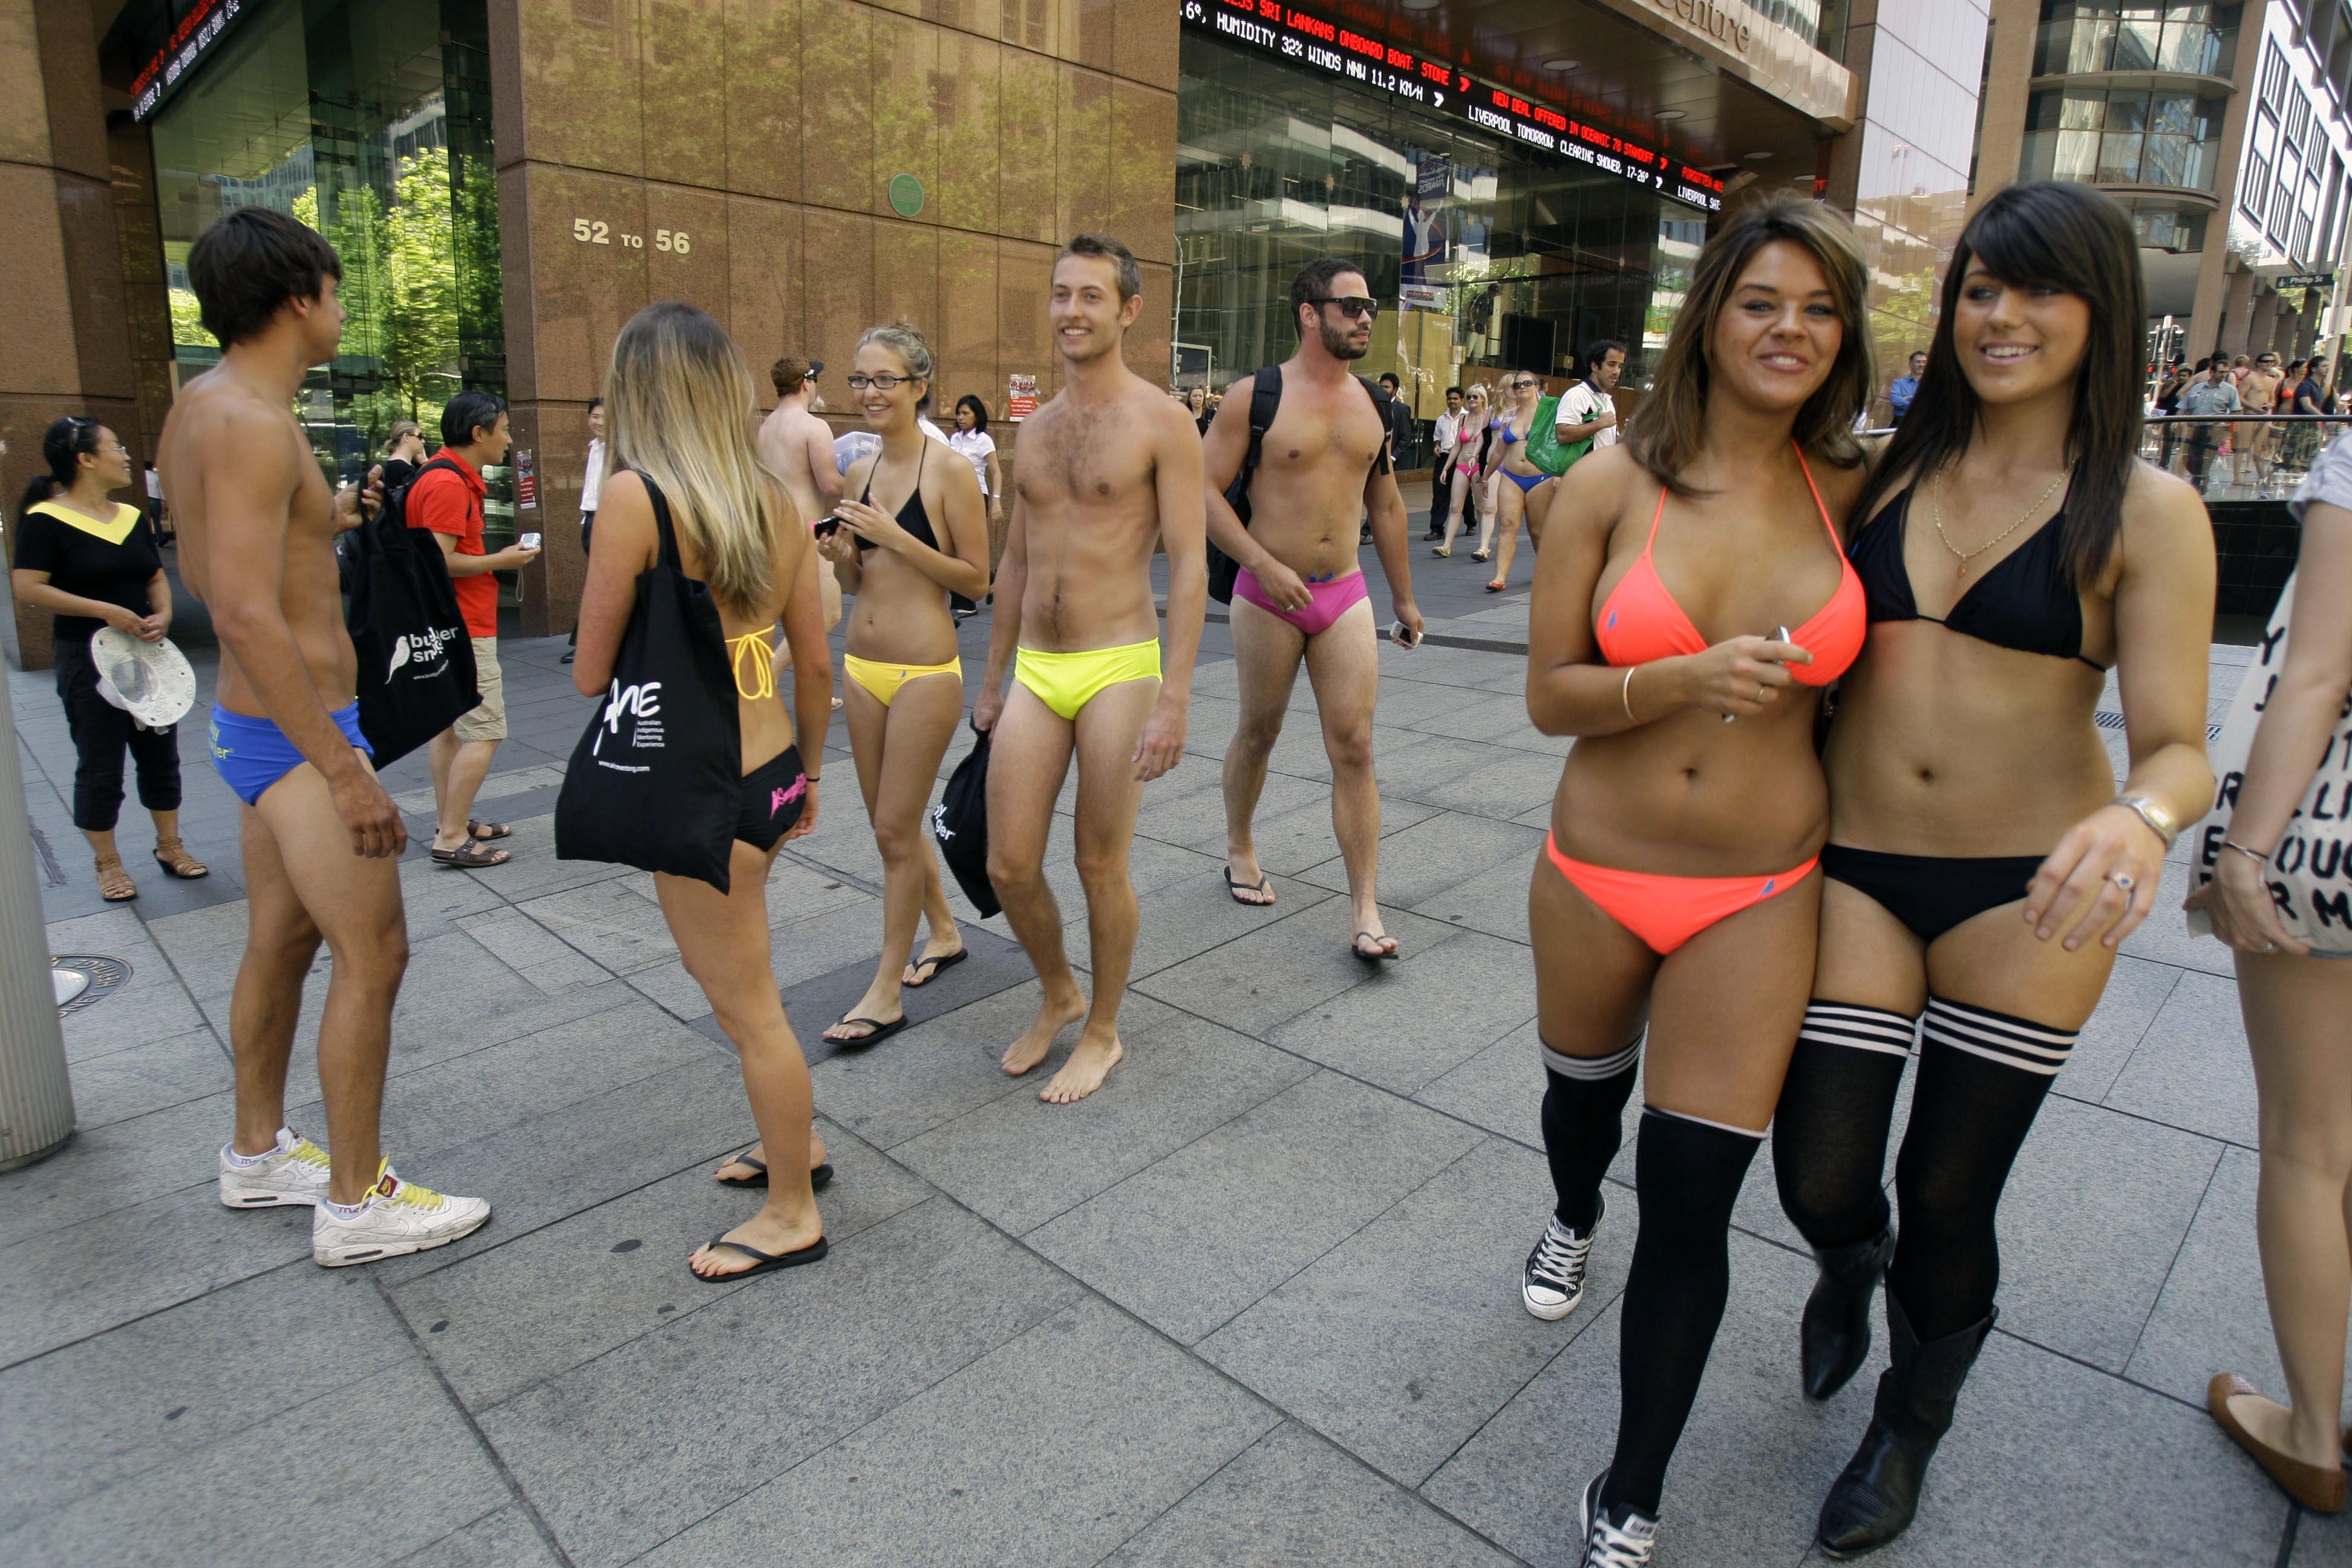 Фотографии голых женщин в городе 20 фотография